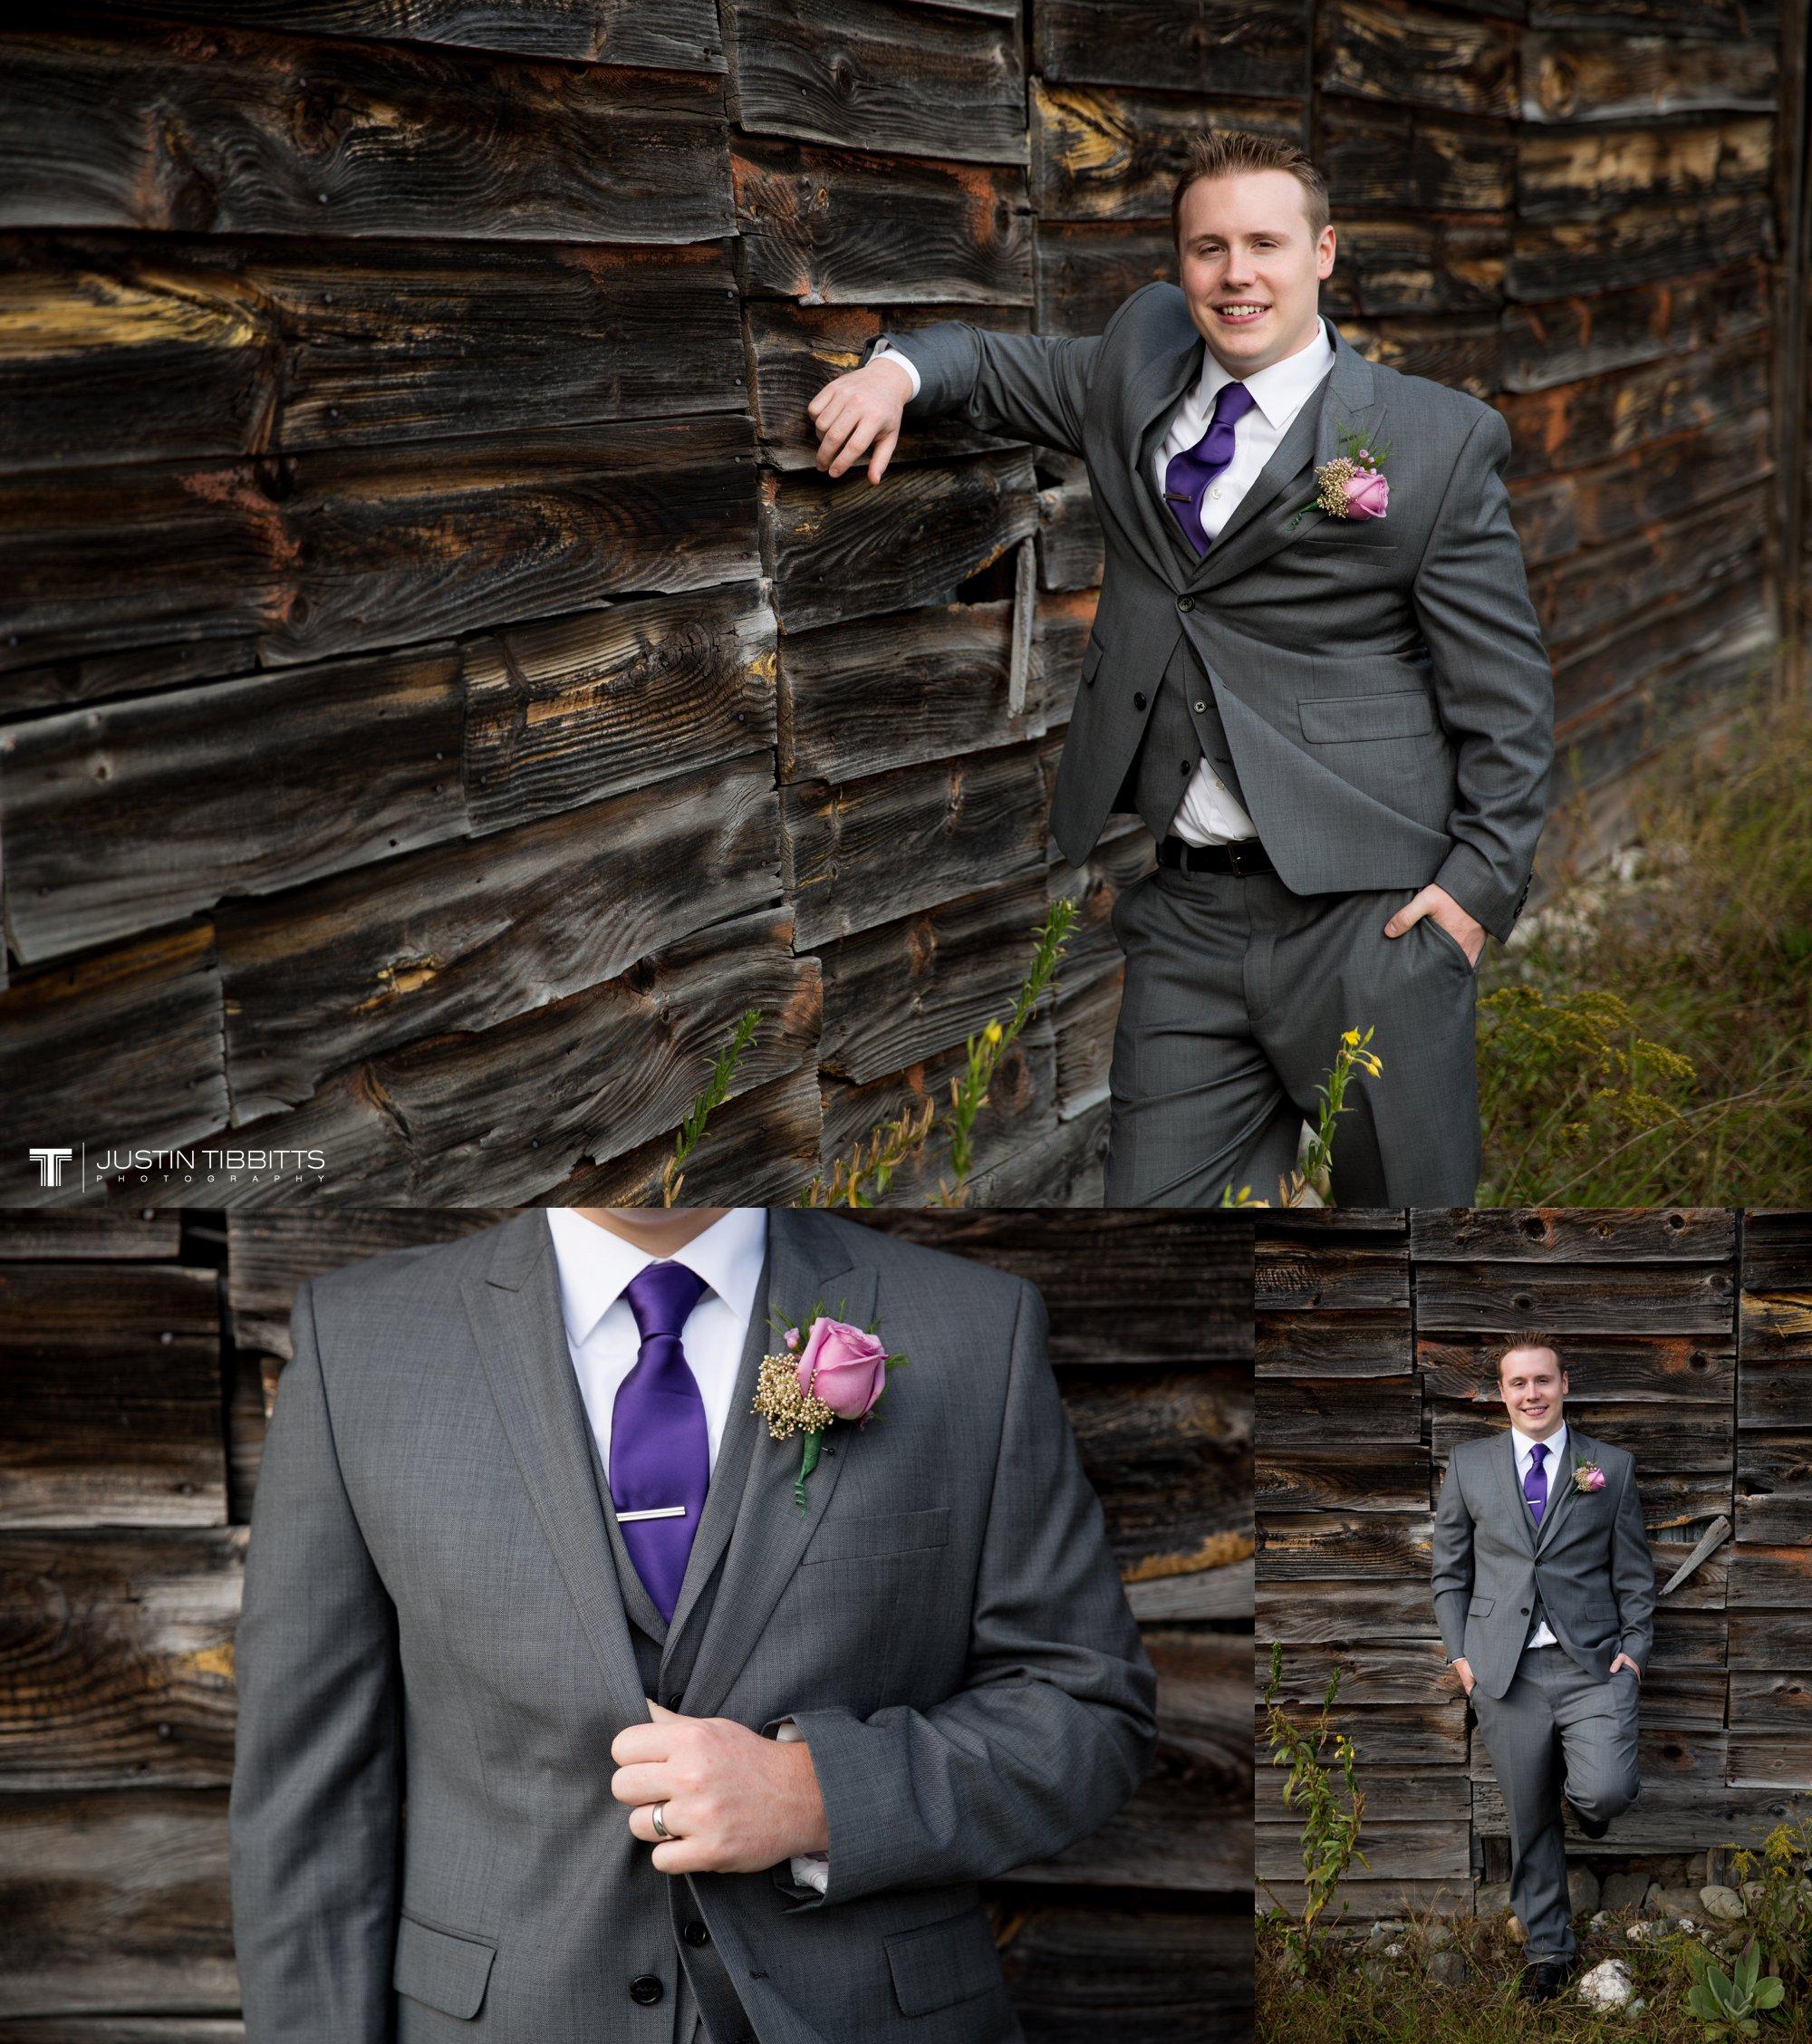 Justin Tibbitts Photography Rob and Brittany's Averill Park, NY Wedding_0397